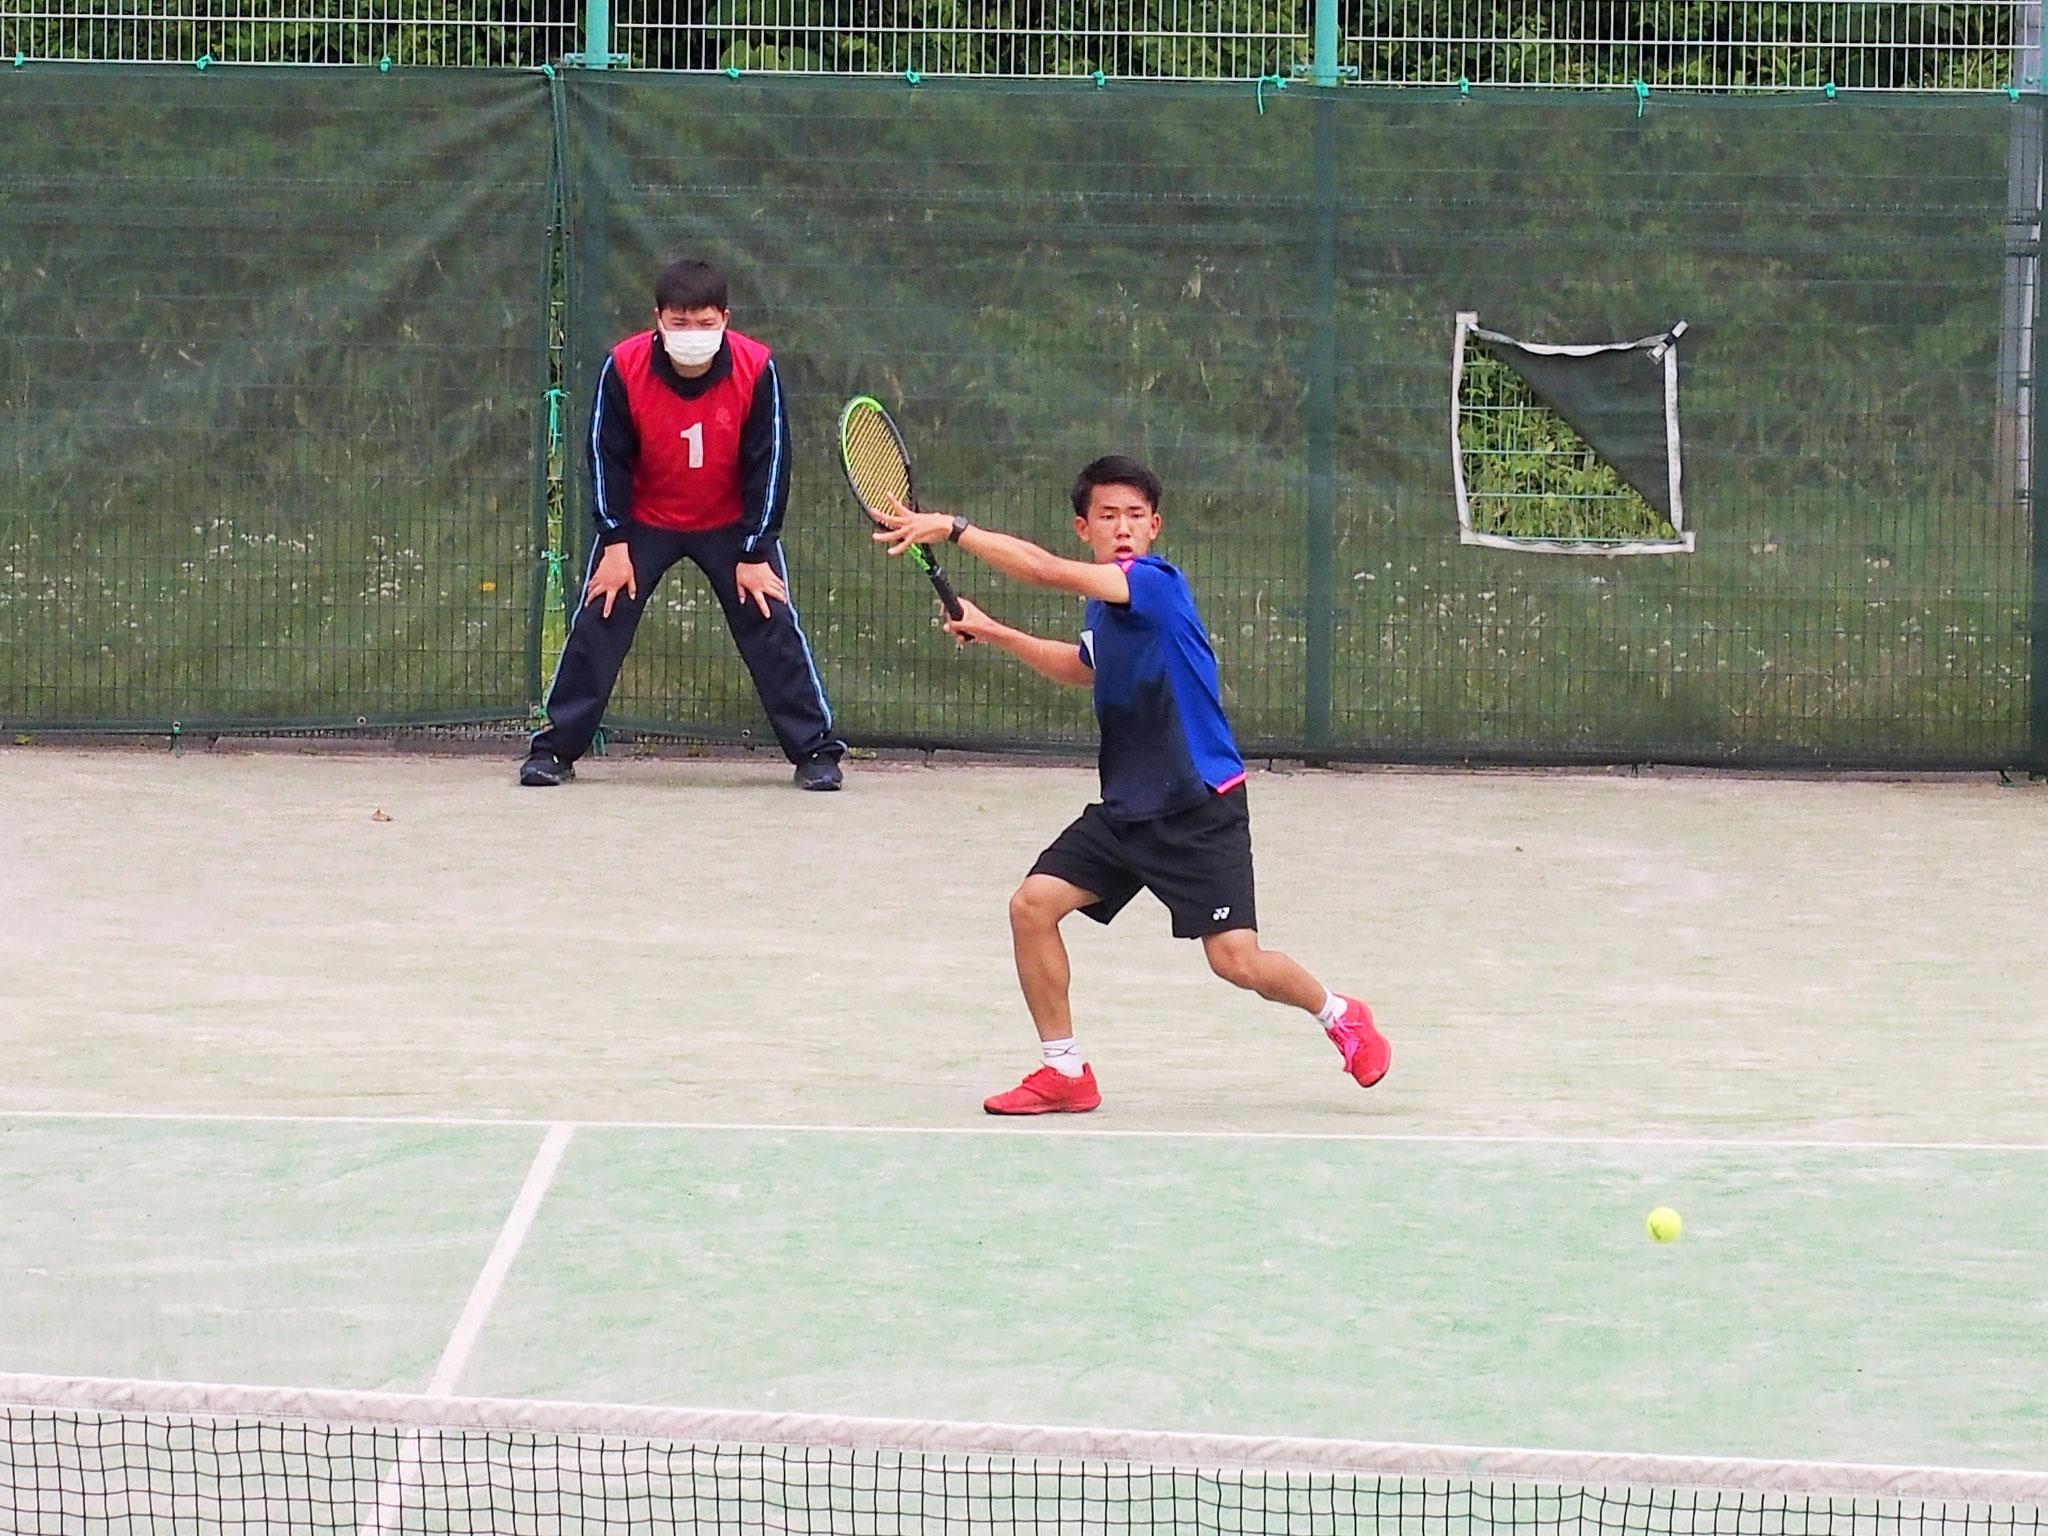 【テニス】5/28~30 @太田テニスコート